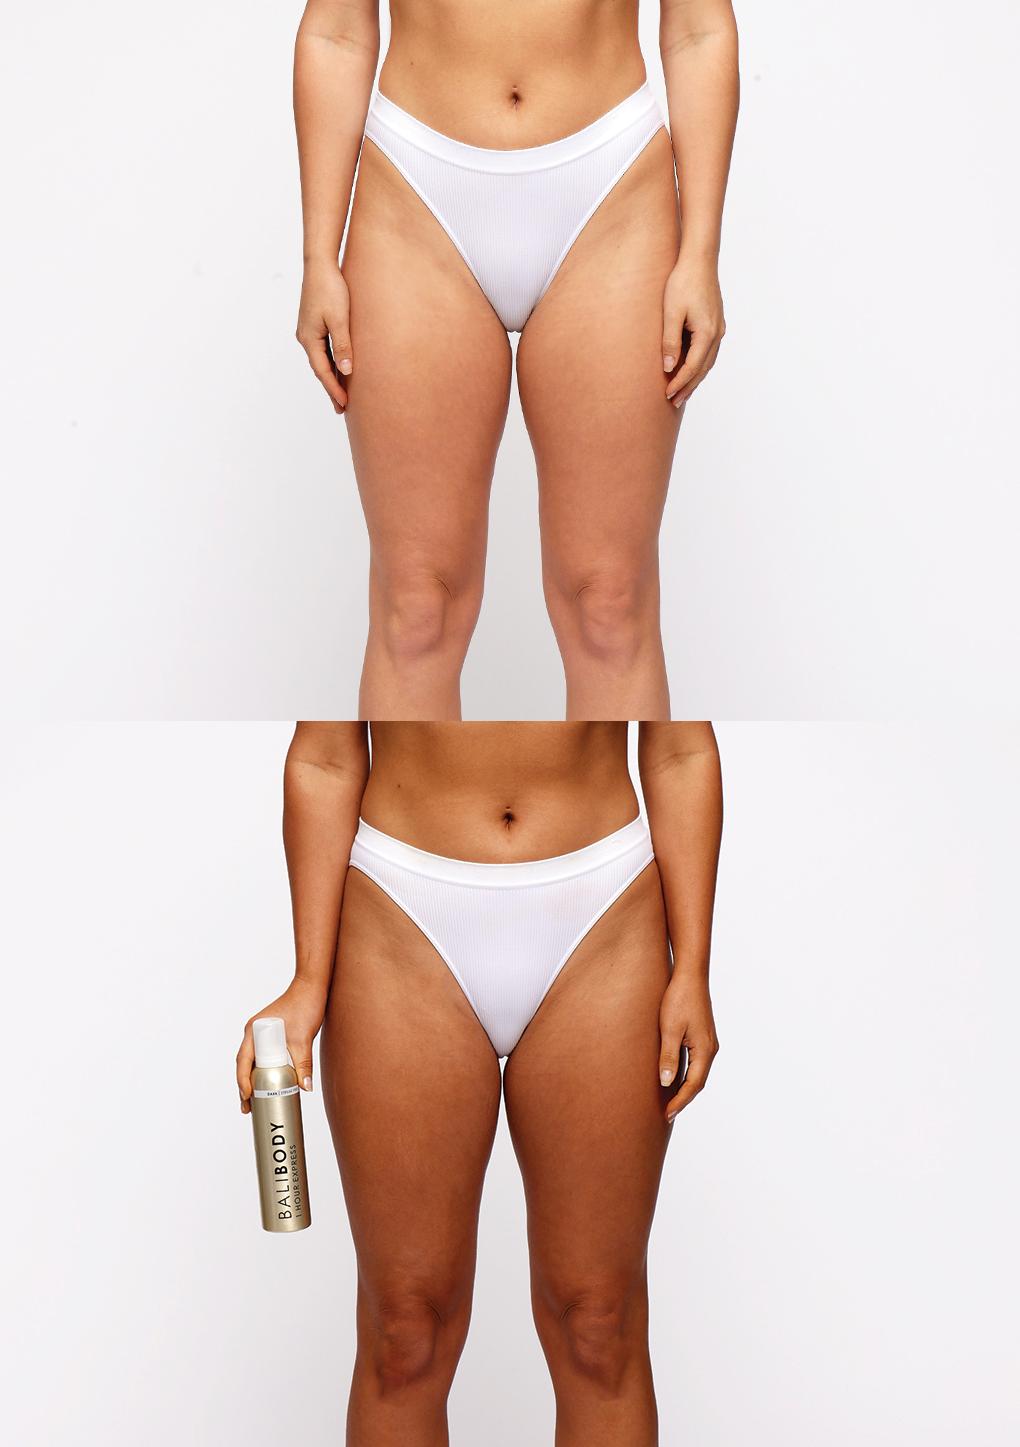 1-Hour Express Self Tan - Antes y Después